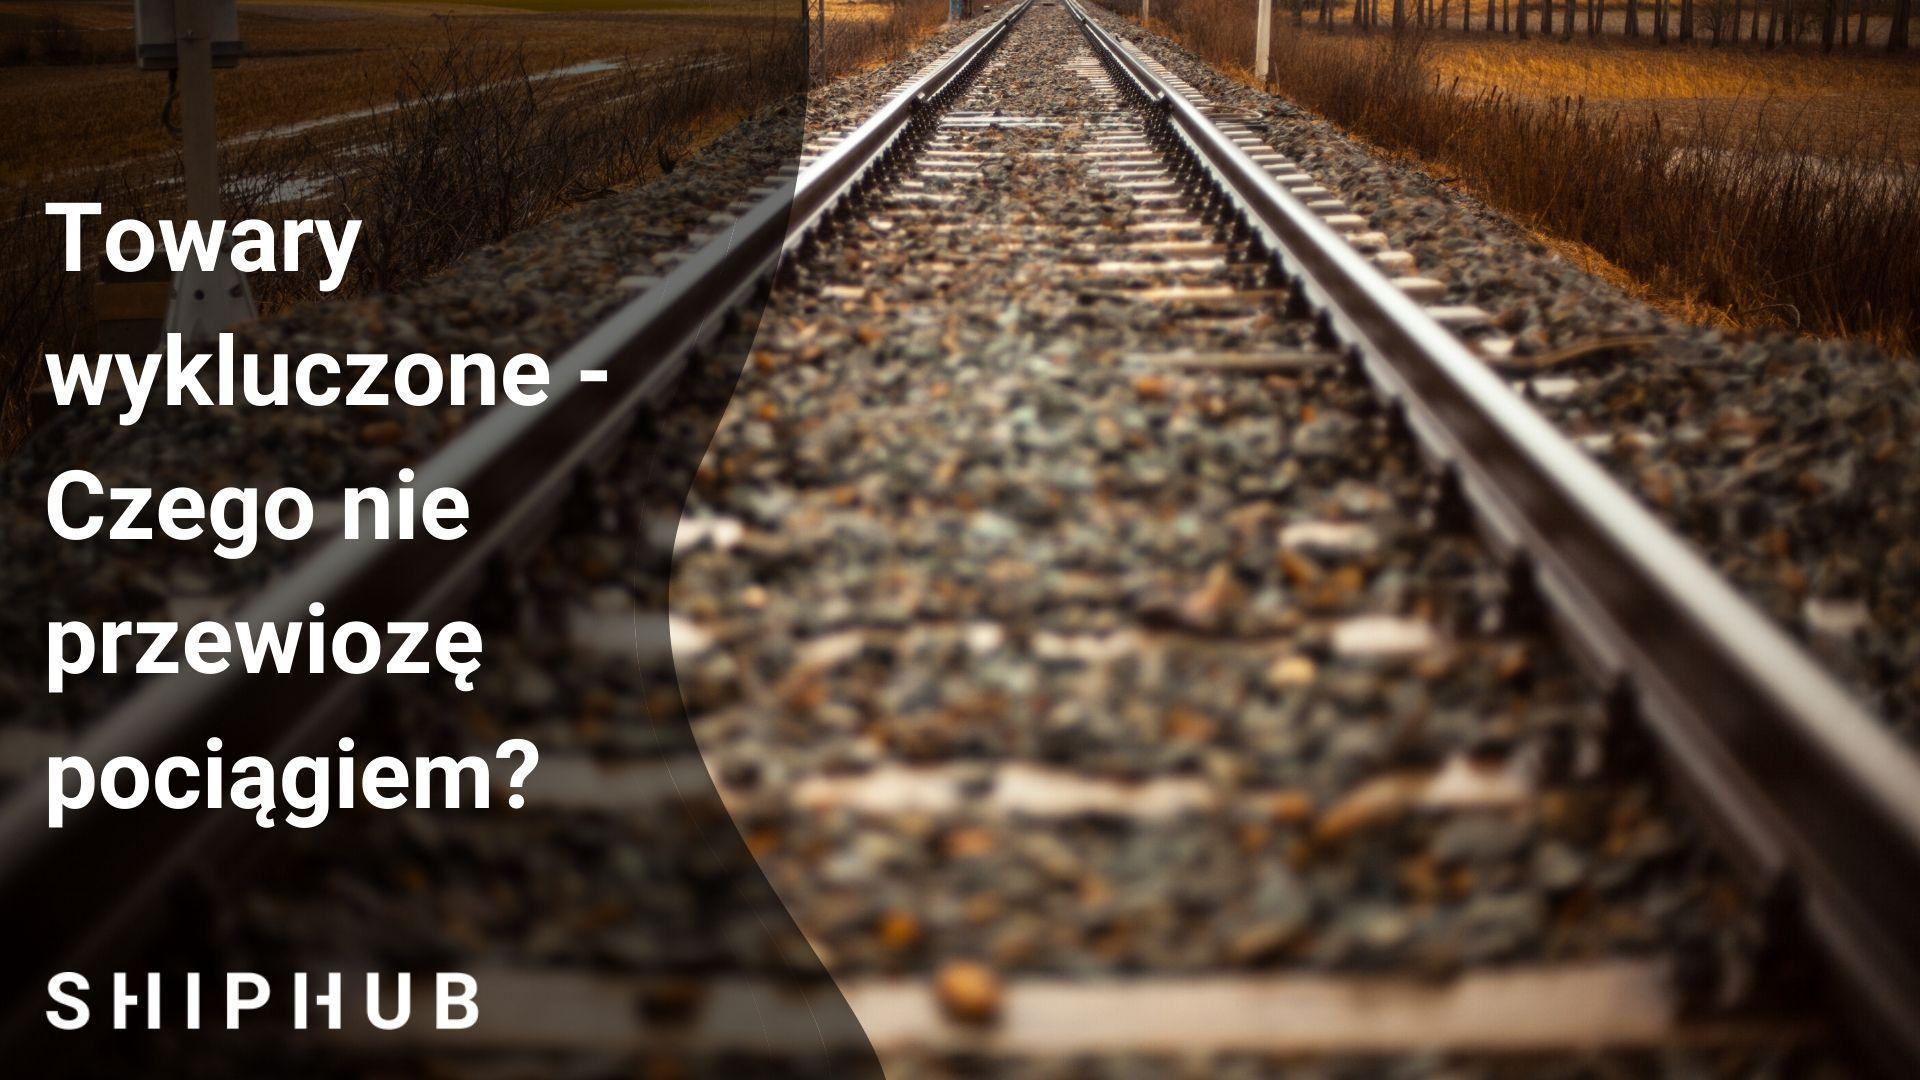 Towary wykluczone - Czego nie przewiozę pociągiem?